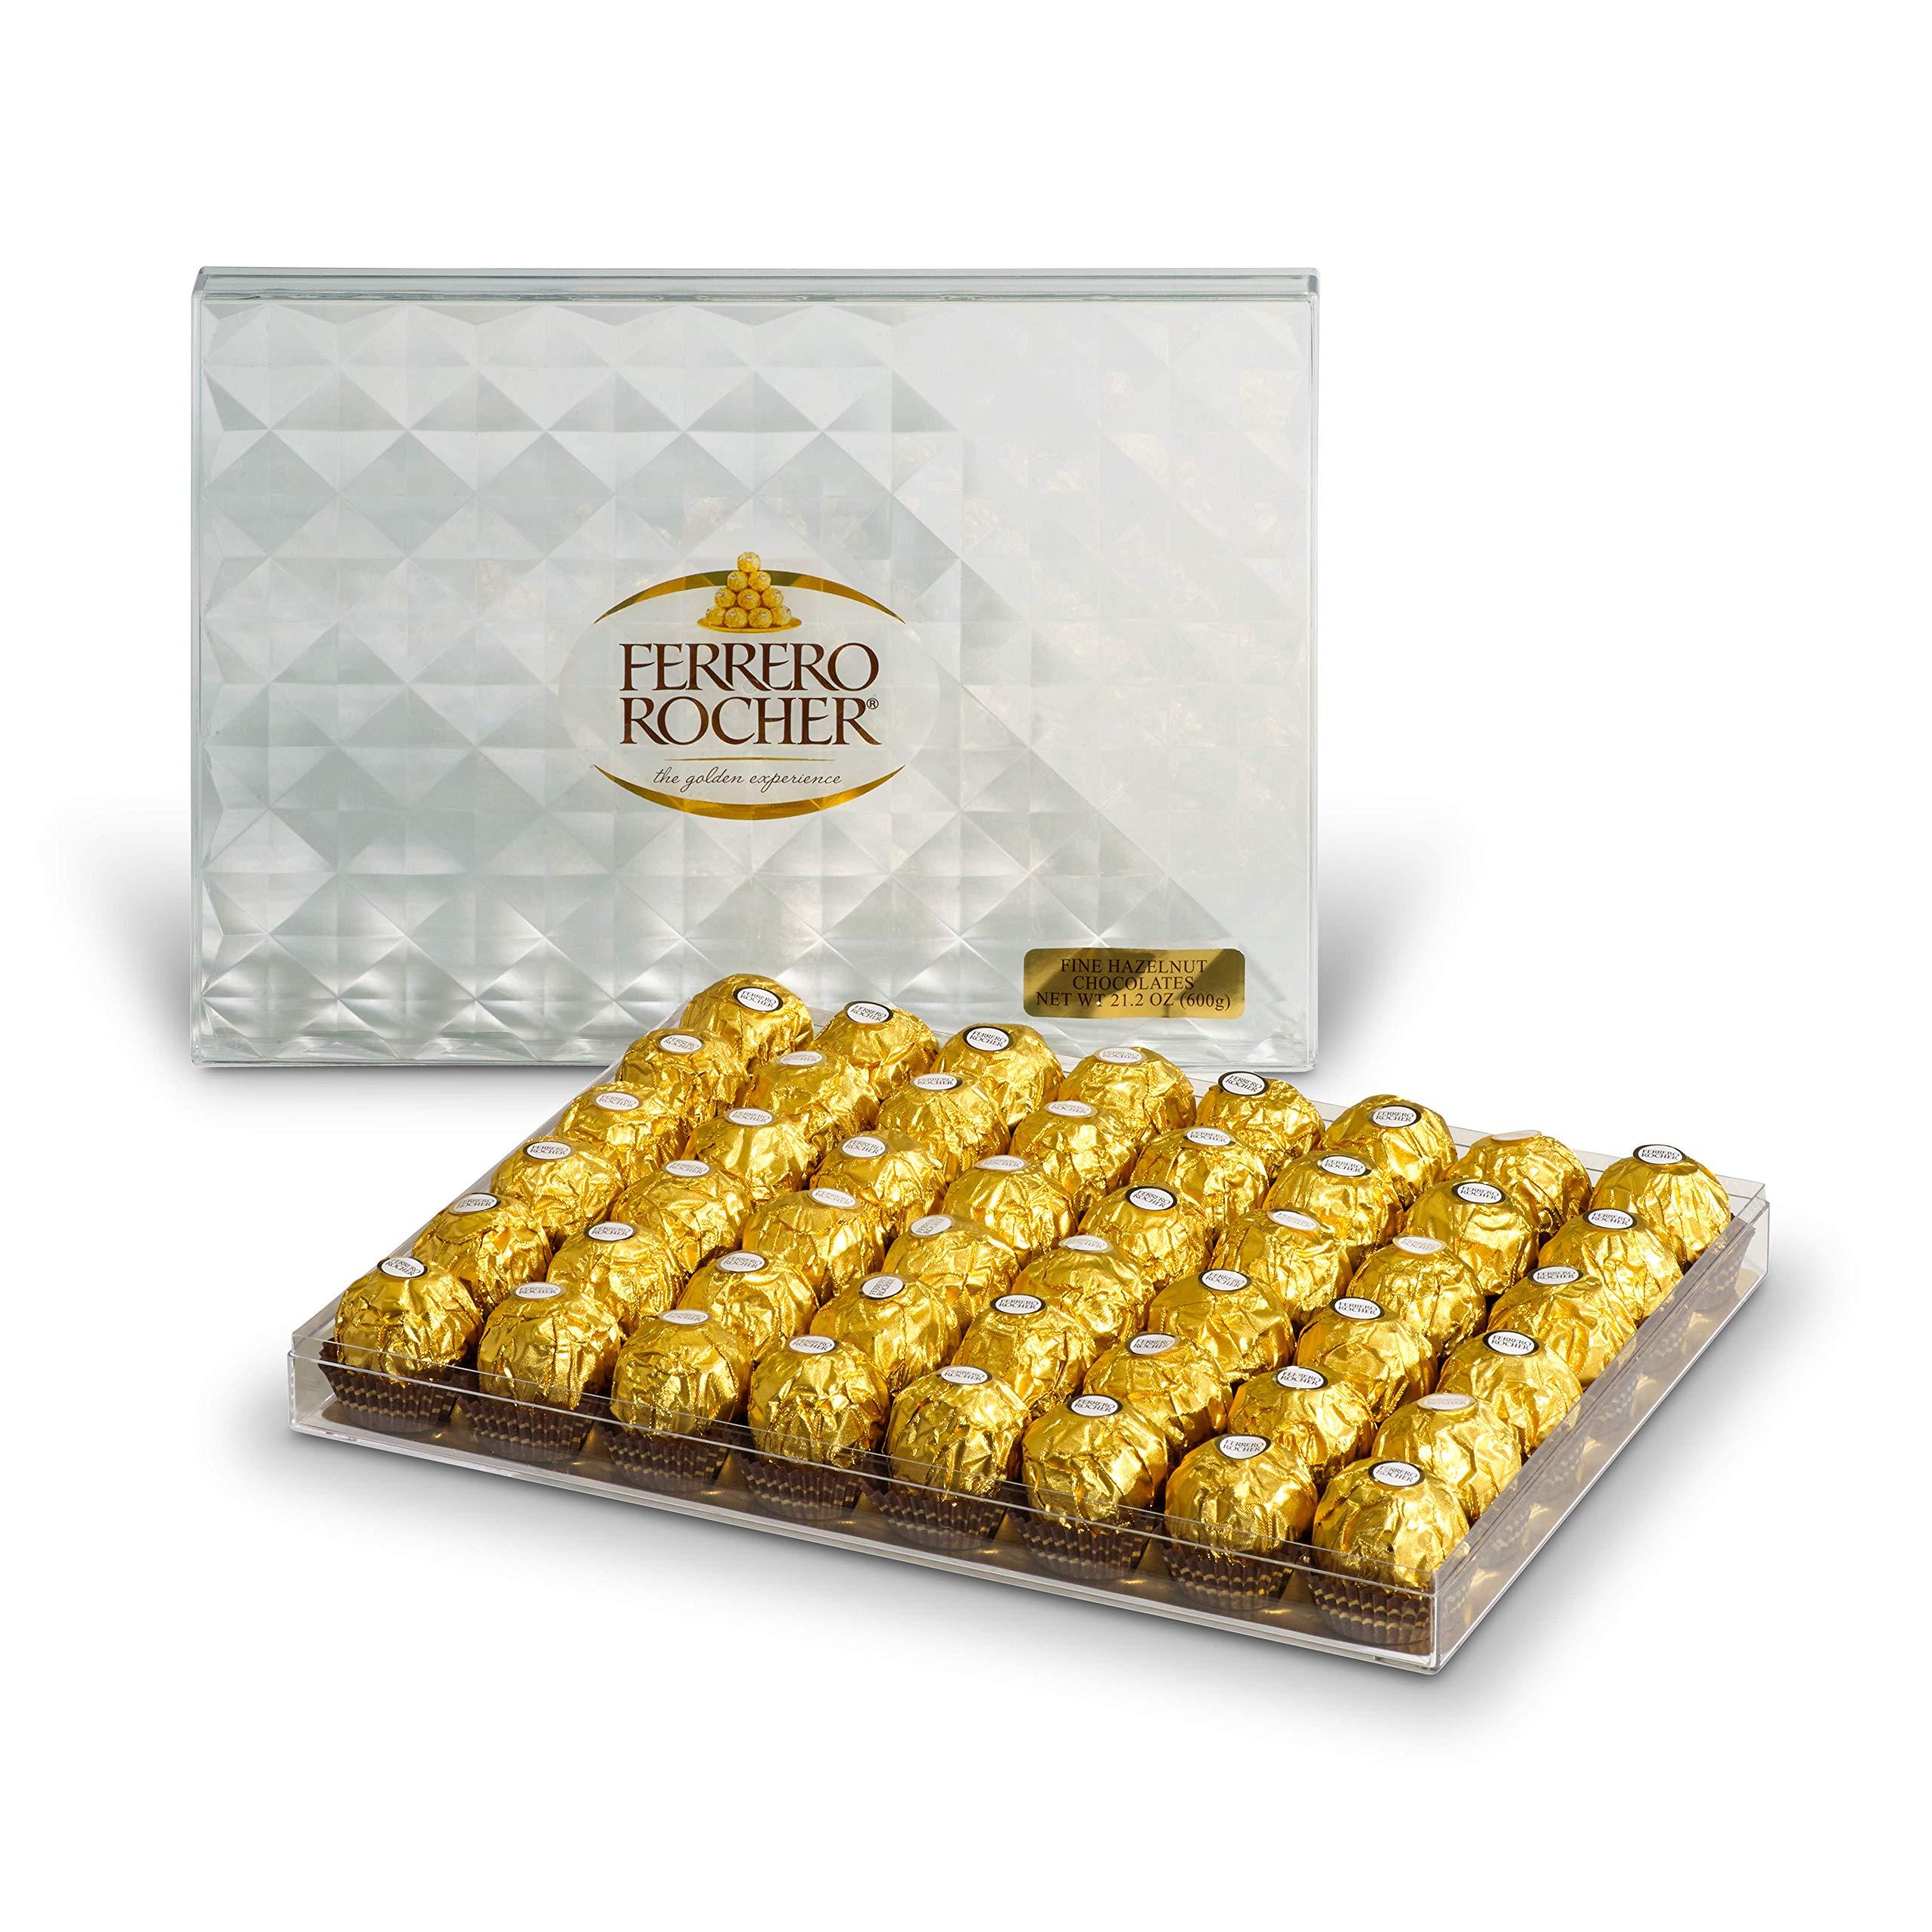 Ferrero Rocher Fine Hazelnut Chocolates, 21.1 Oz, 48 Count by Ferrero Rocher (Image #5)